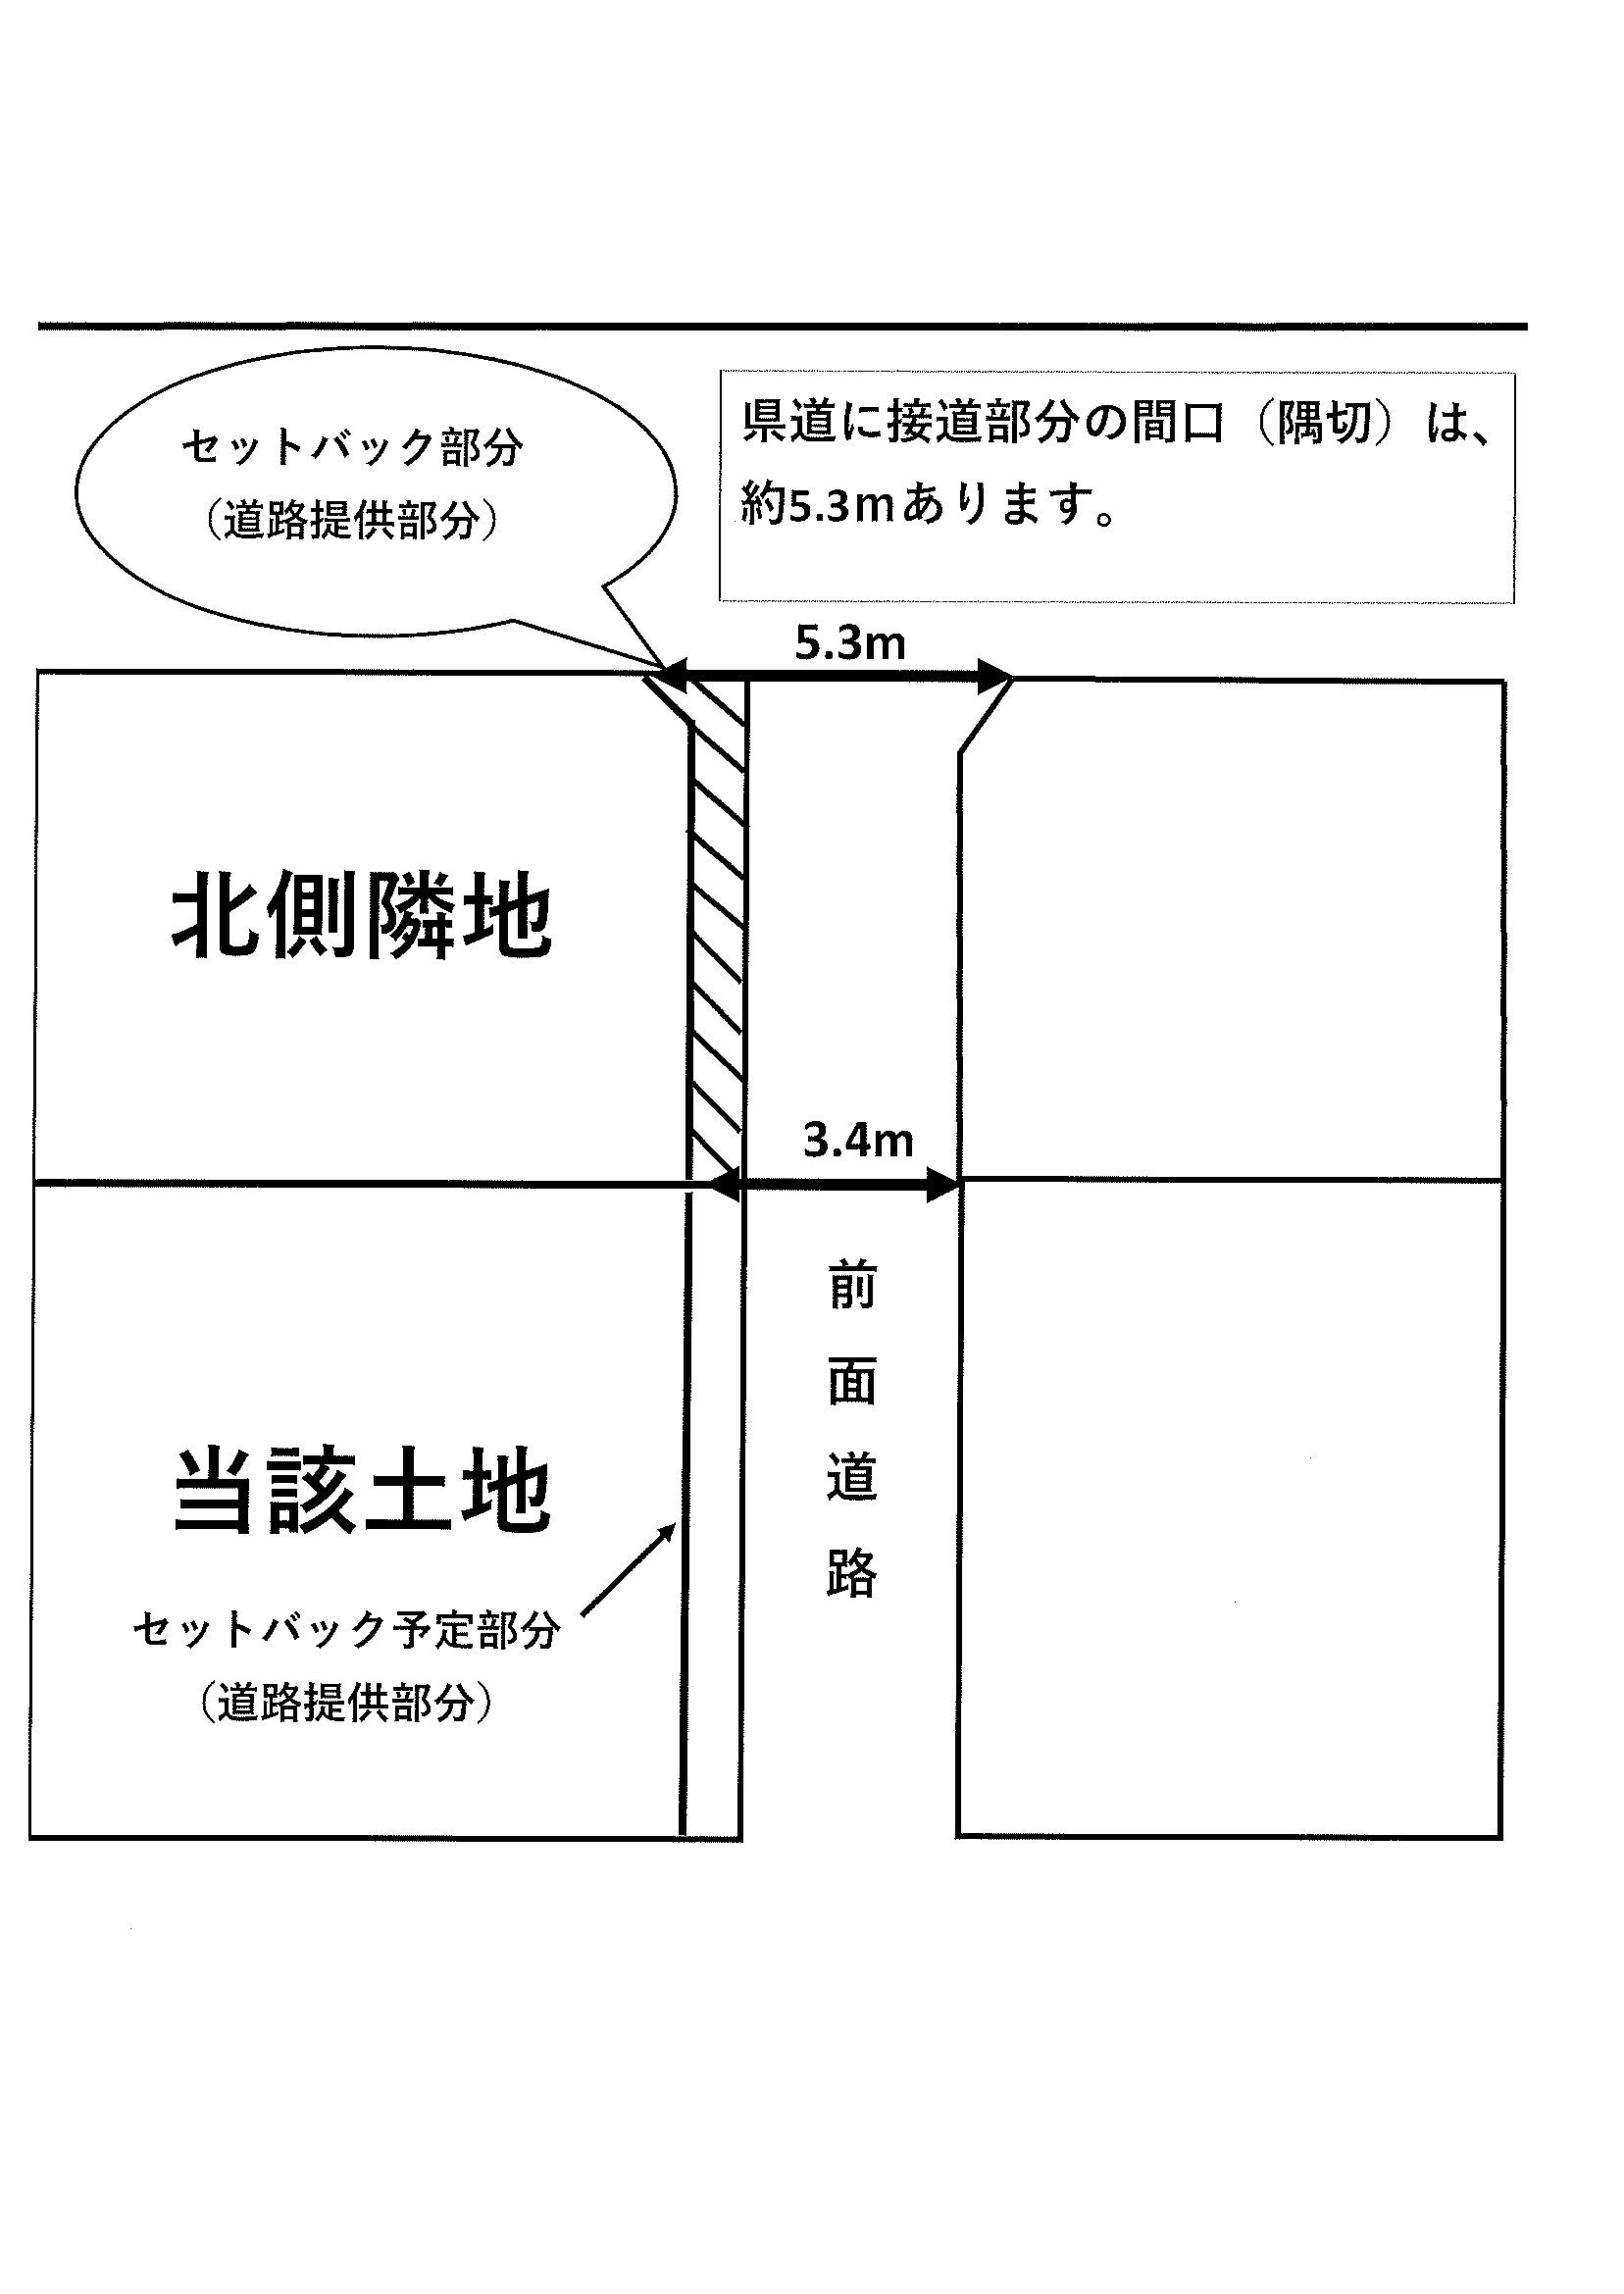 セットバック参考図